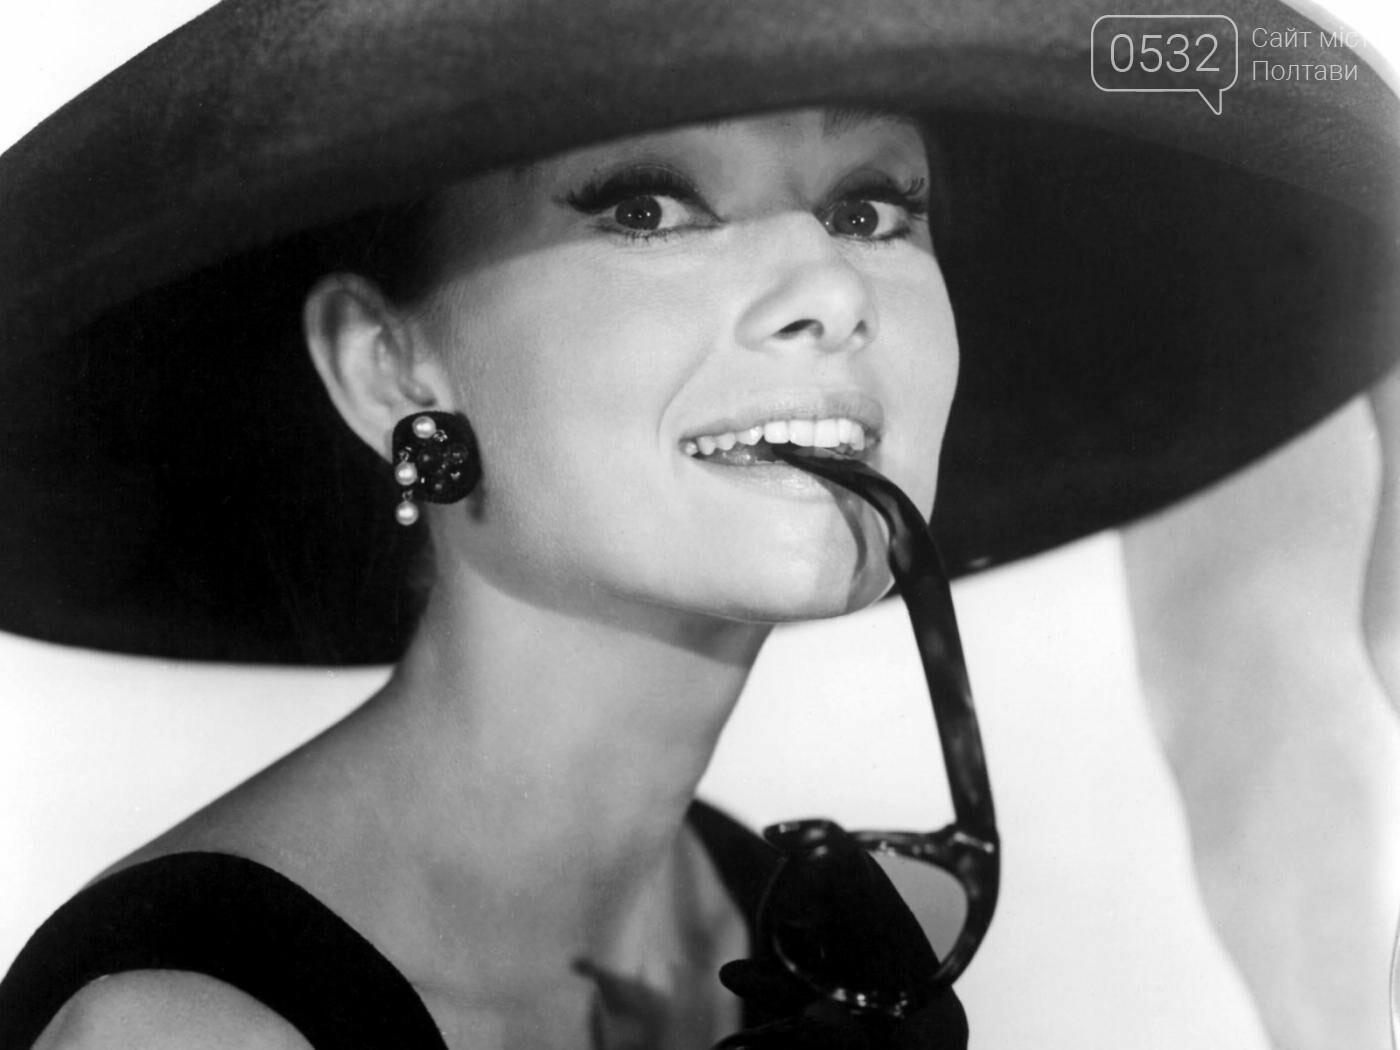 Сьогодні - Міжнародний день пожежників та День Народження відомої американської акторки Одрі Хепберн, фото-3